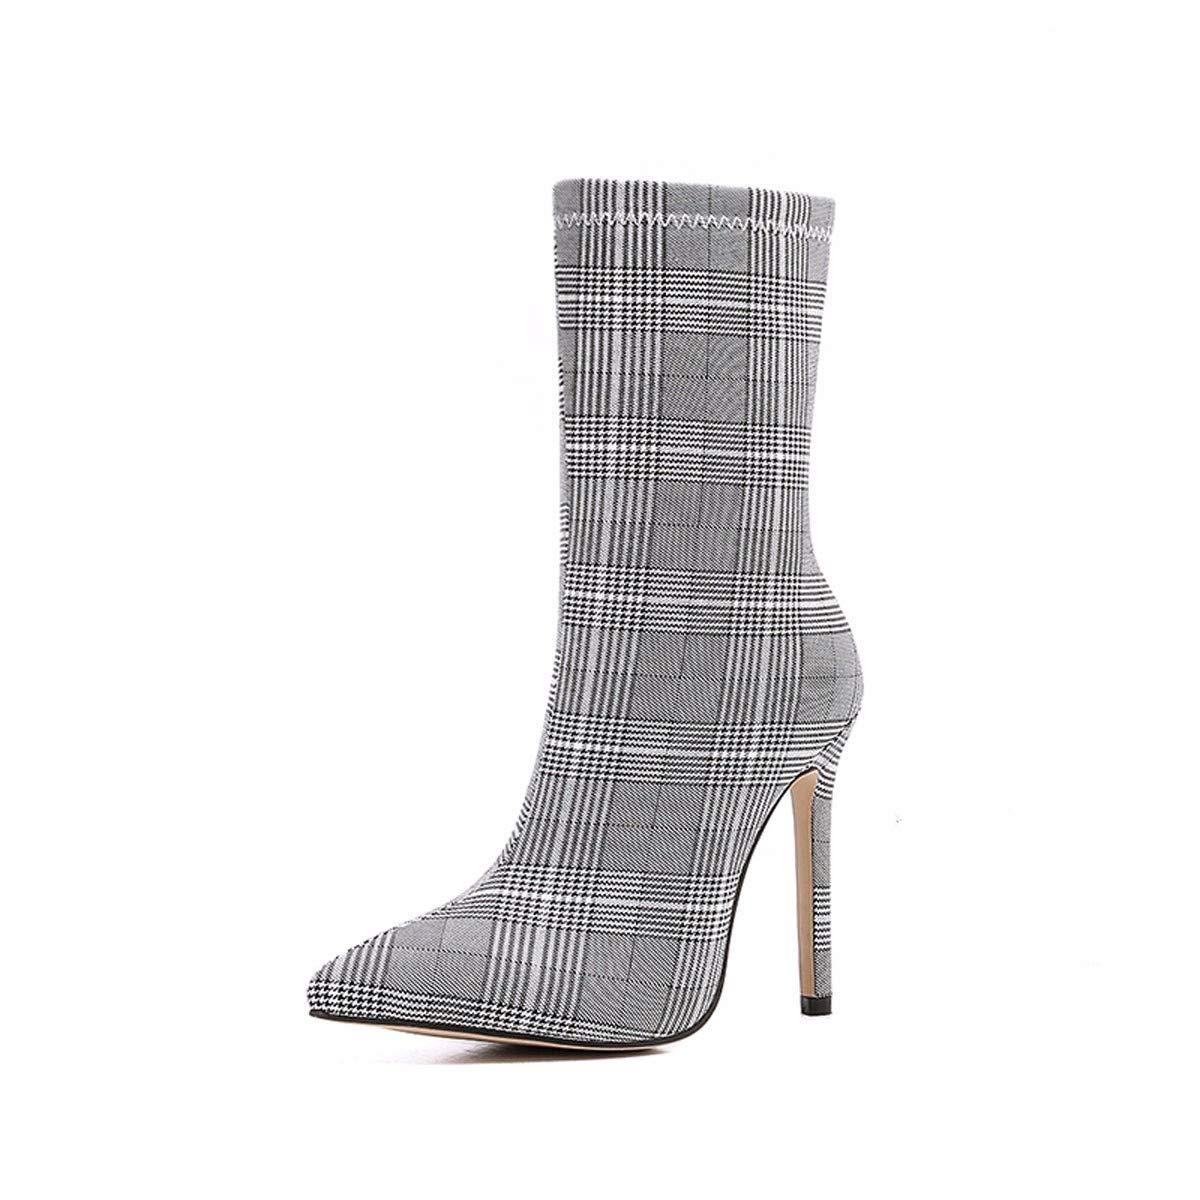 HBDLH Damenschuhe Kurze Stiefel Mit Hohen 11Cm Kariert Spitze Gut Bei Fuß Kurze Stiefel Mode Und Stiefeletten.